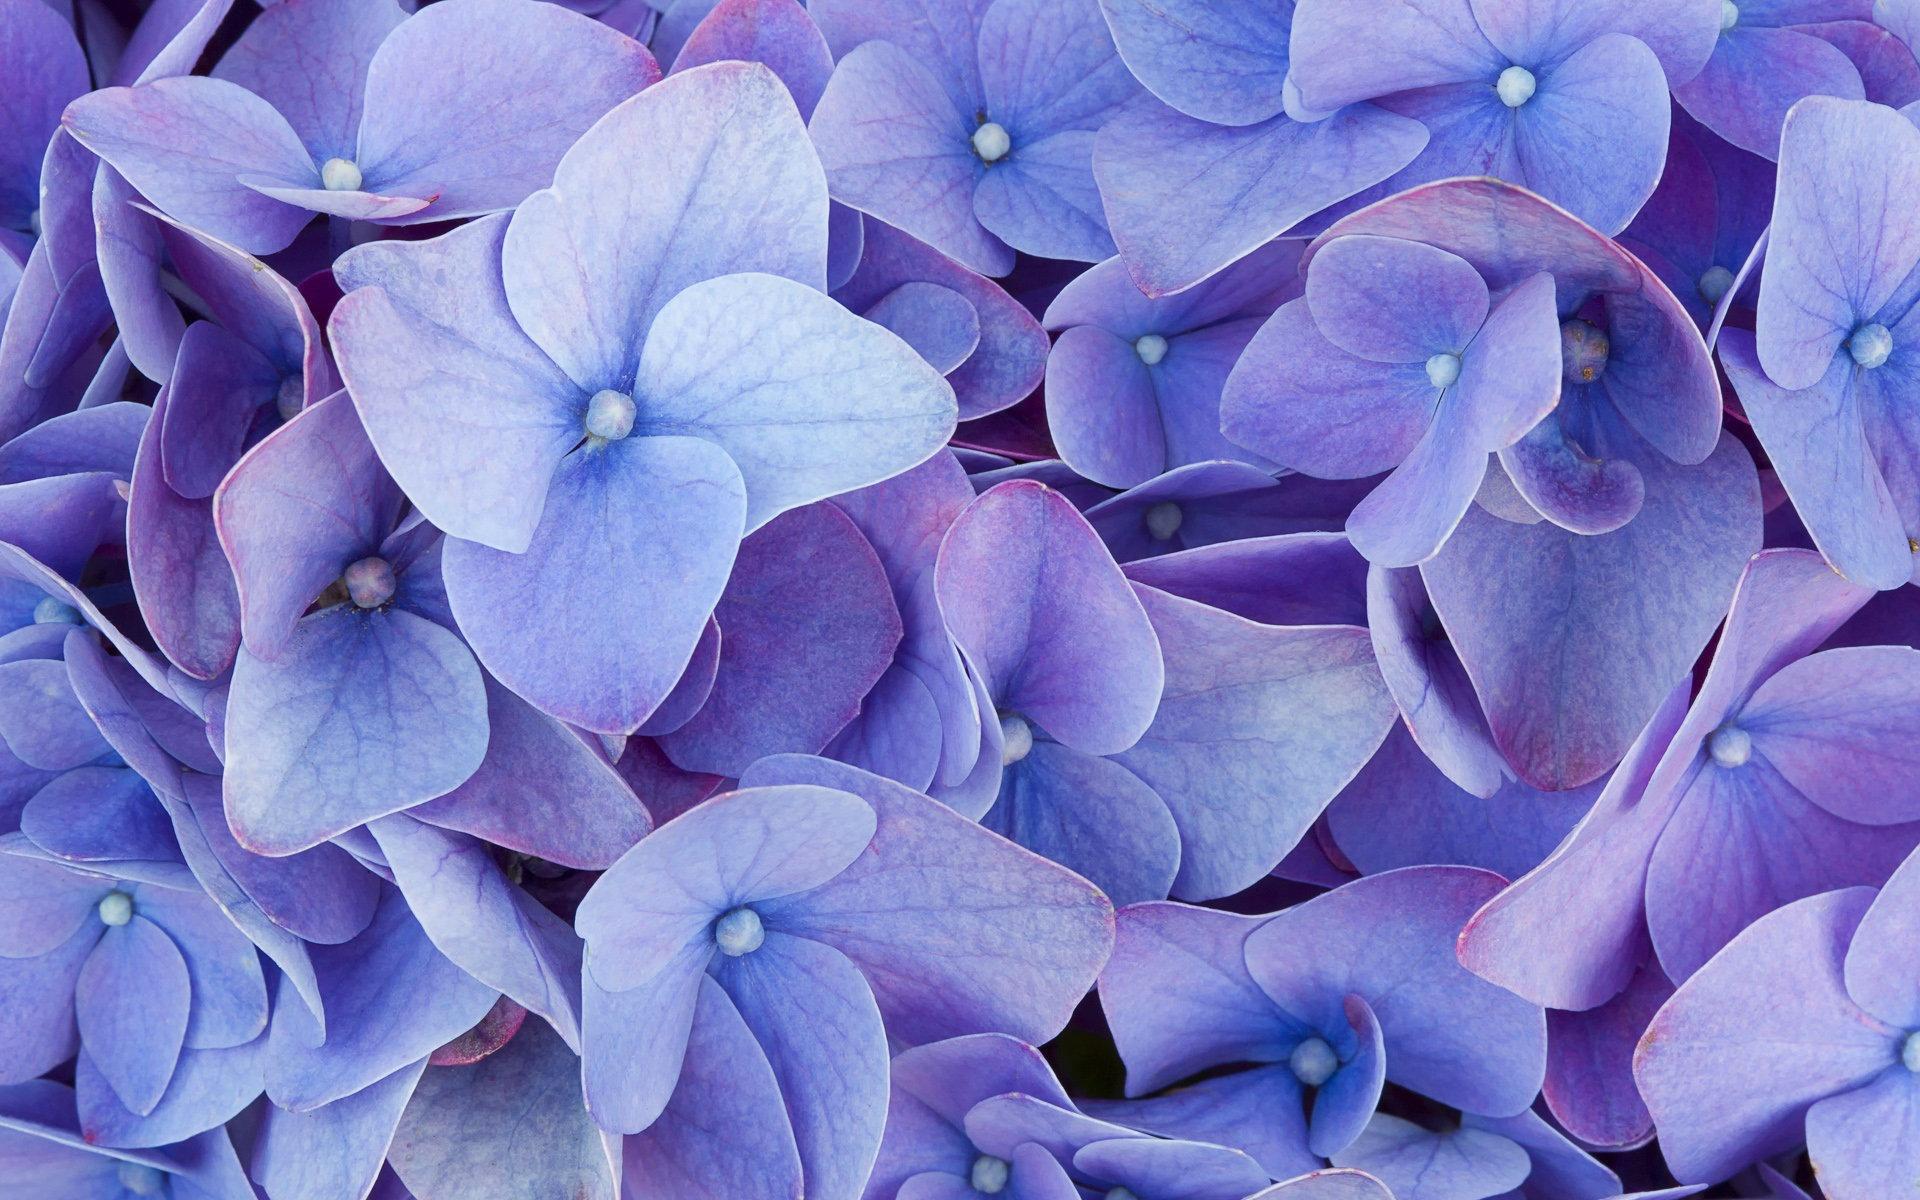 картинки с цветами фиолетово-синего при выборе хостинга